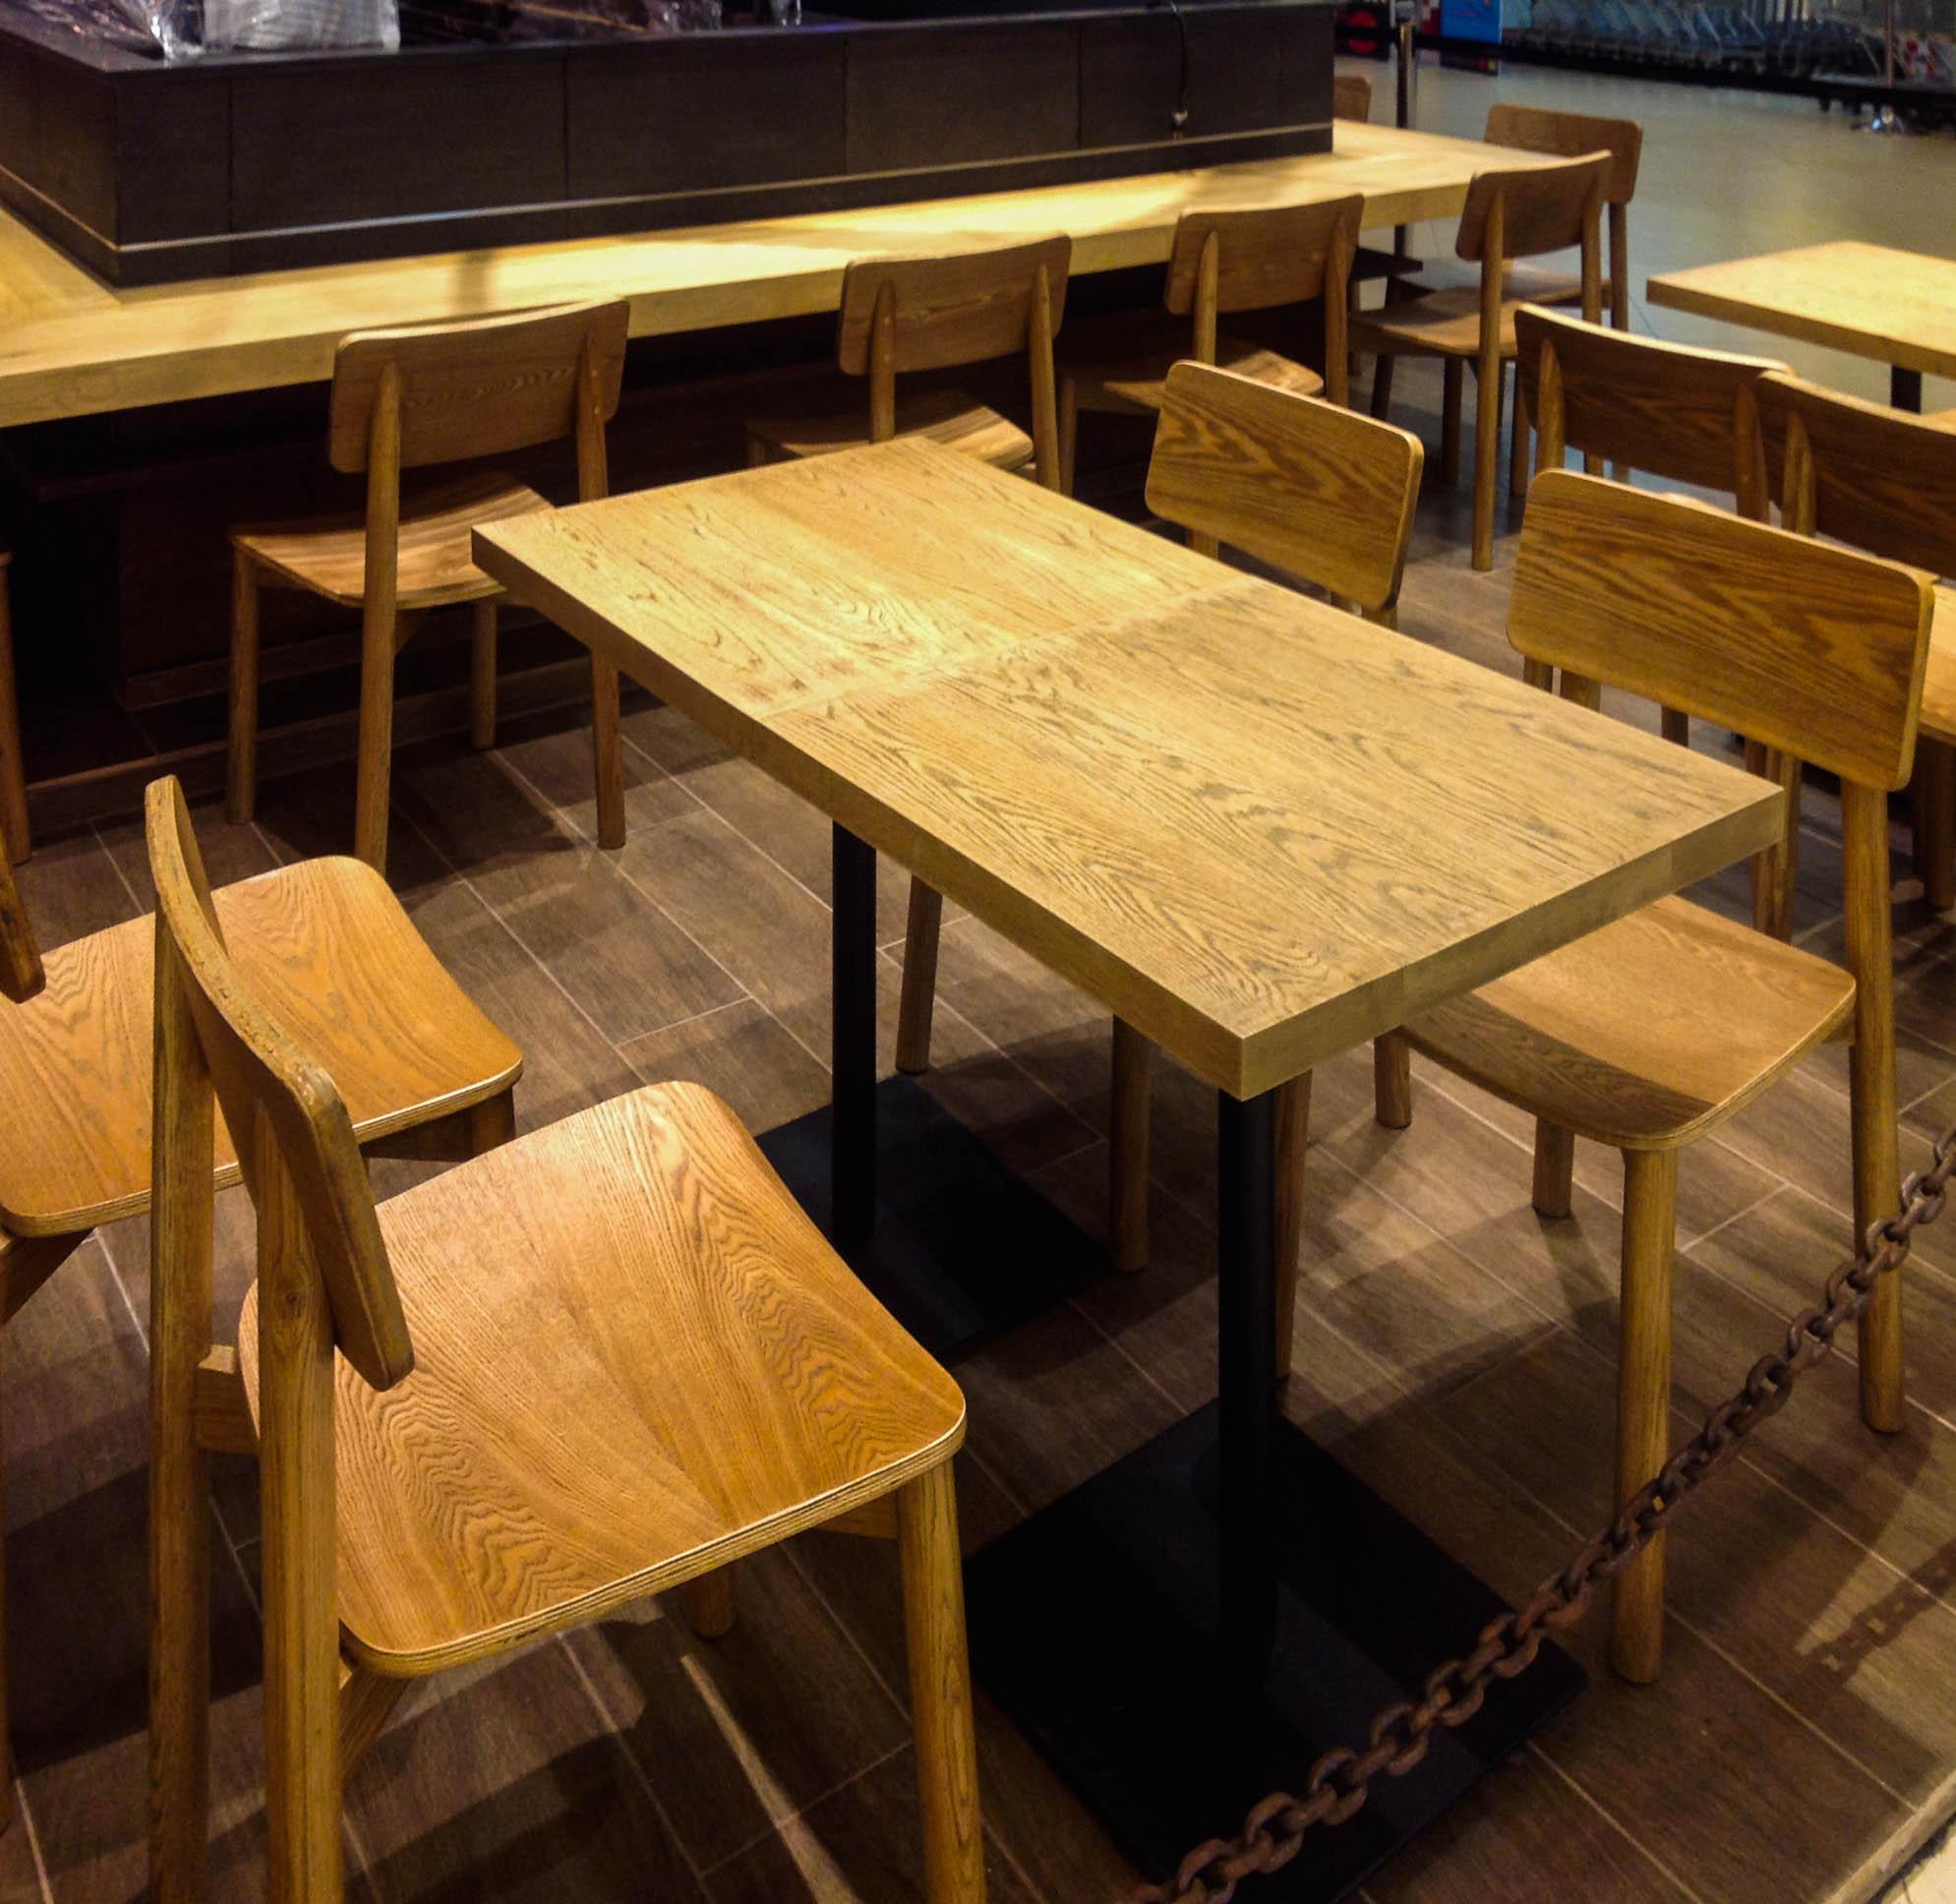 10Design hokkai don sushi bar interior design construction 07